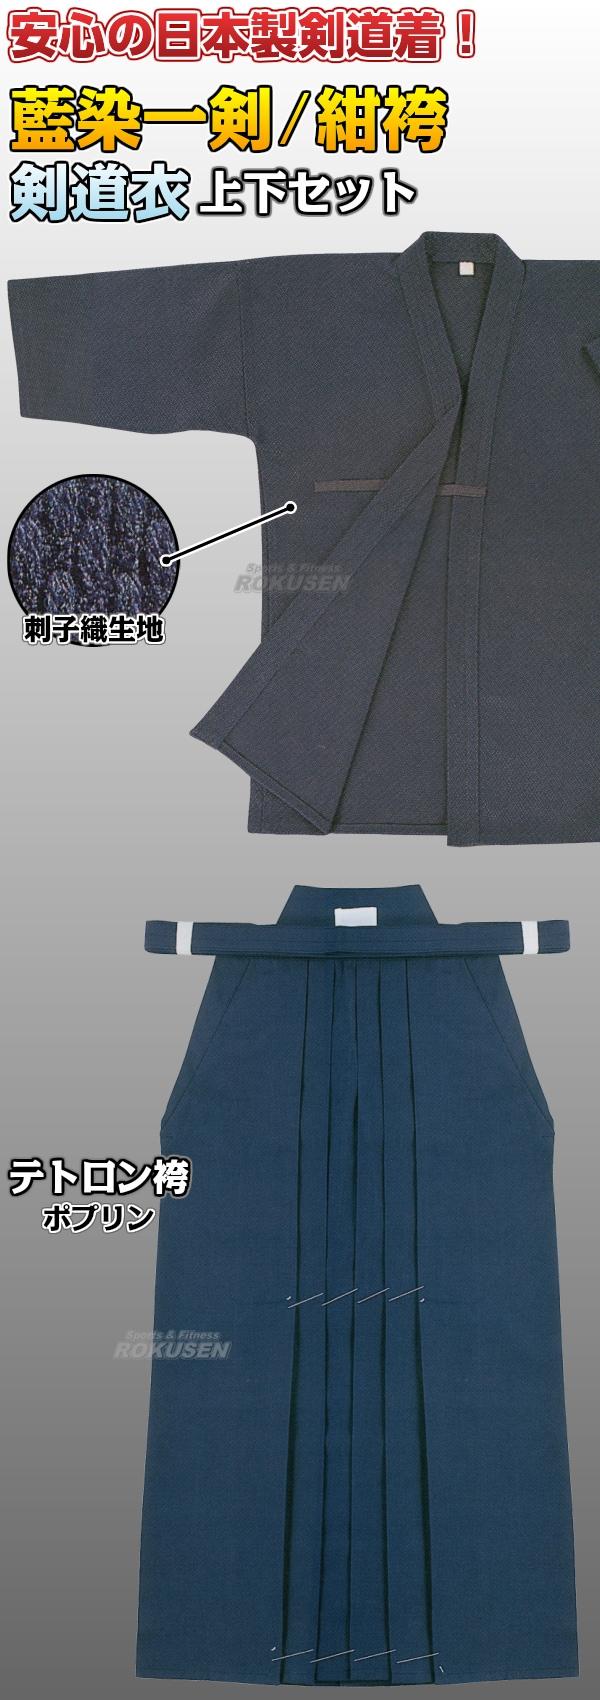 【高柳 剣道】剣道着上衣・袴セット 藍染一重剣衣・テトロン袴 Z-707・HPN